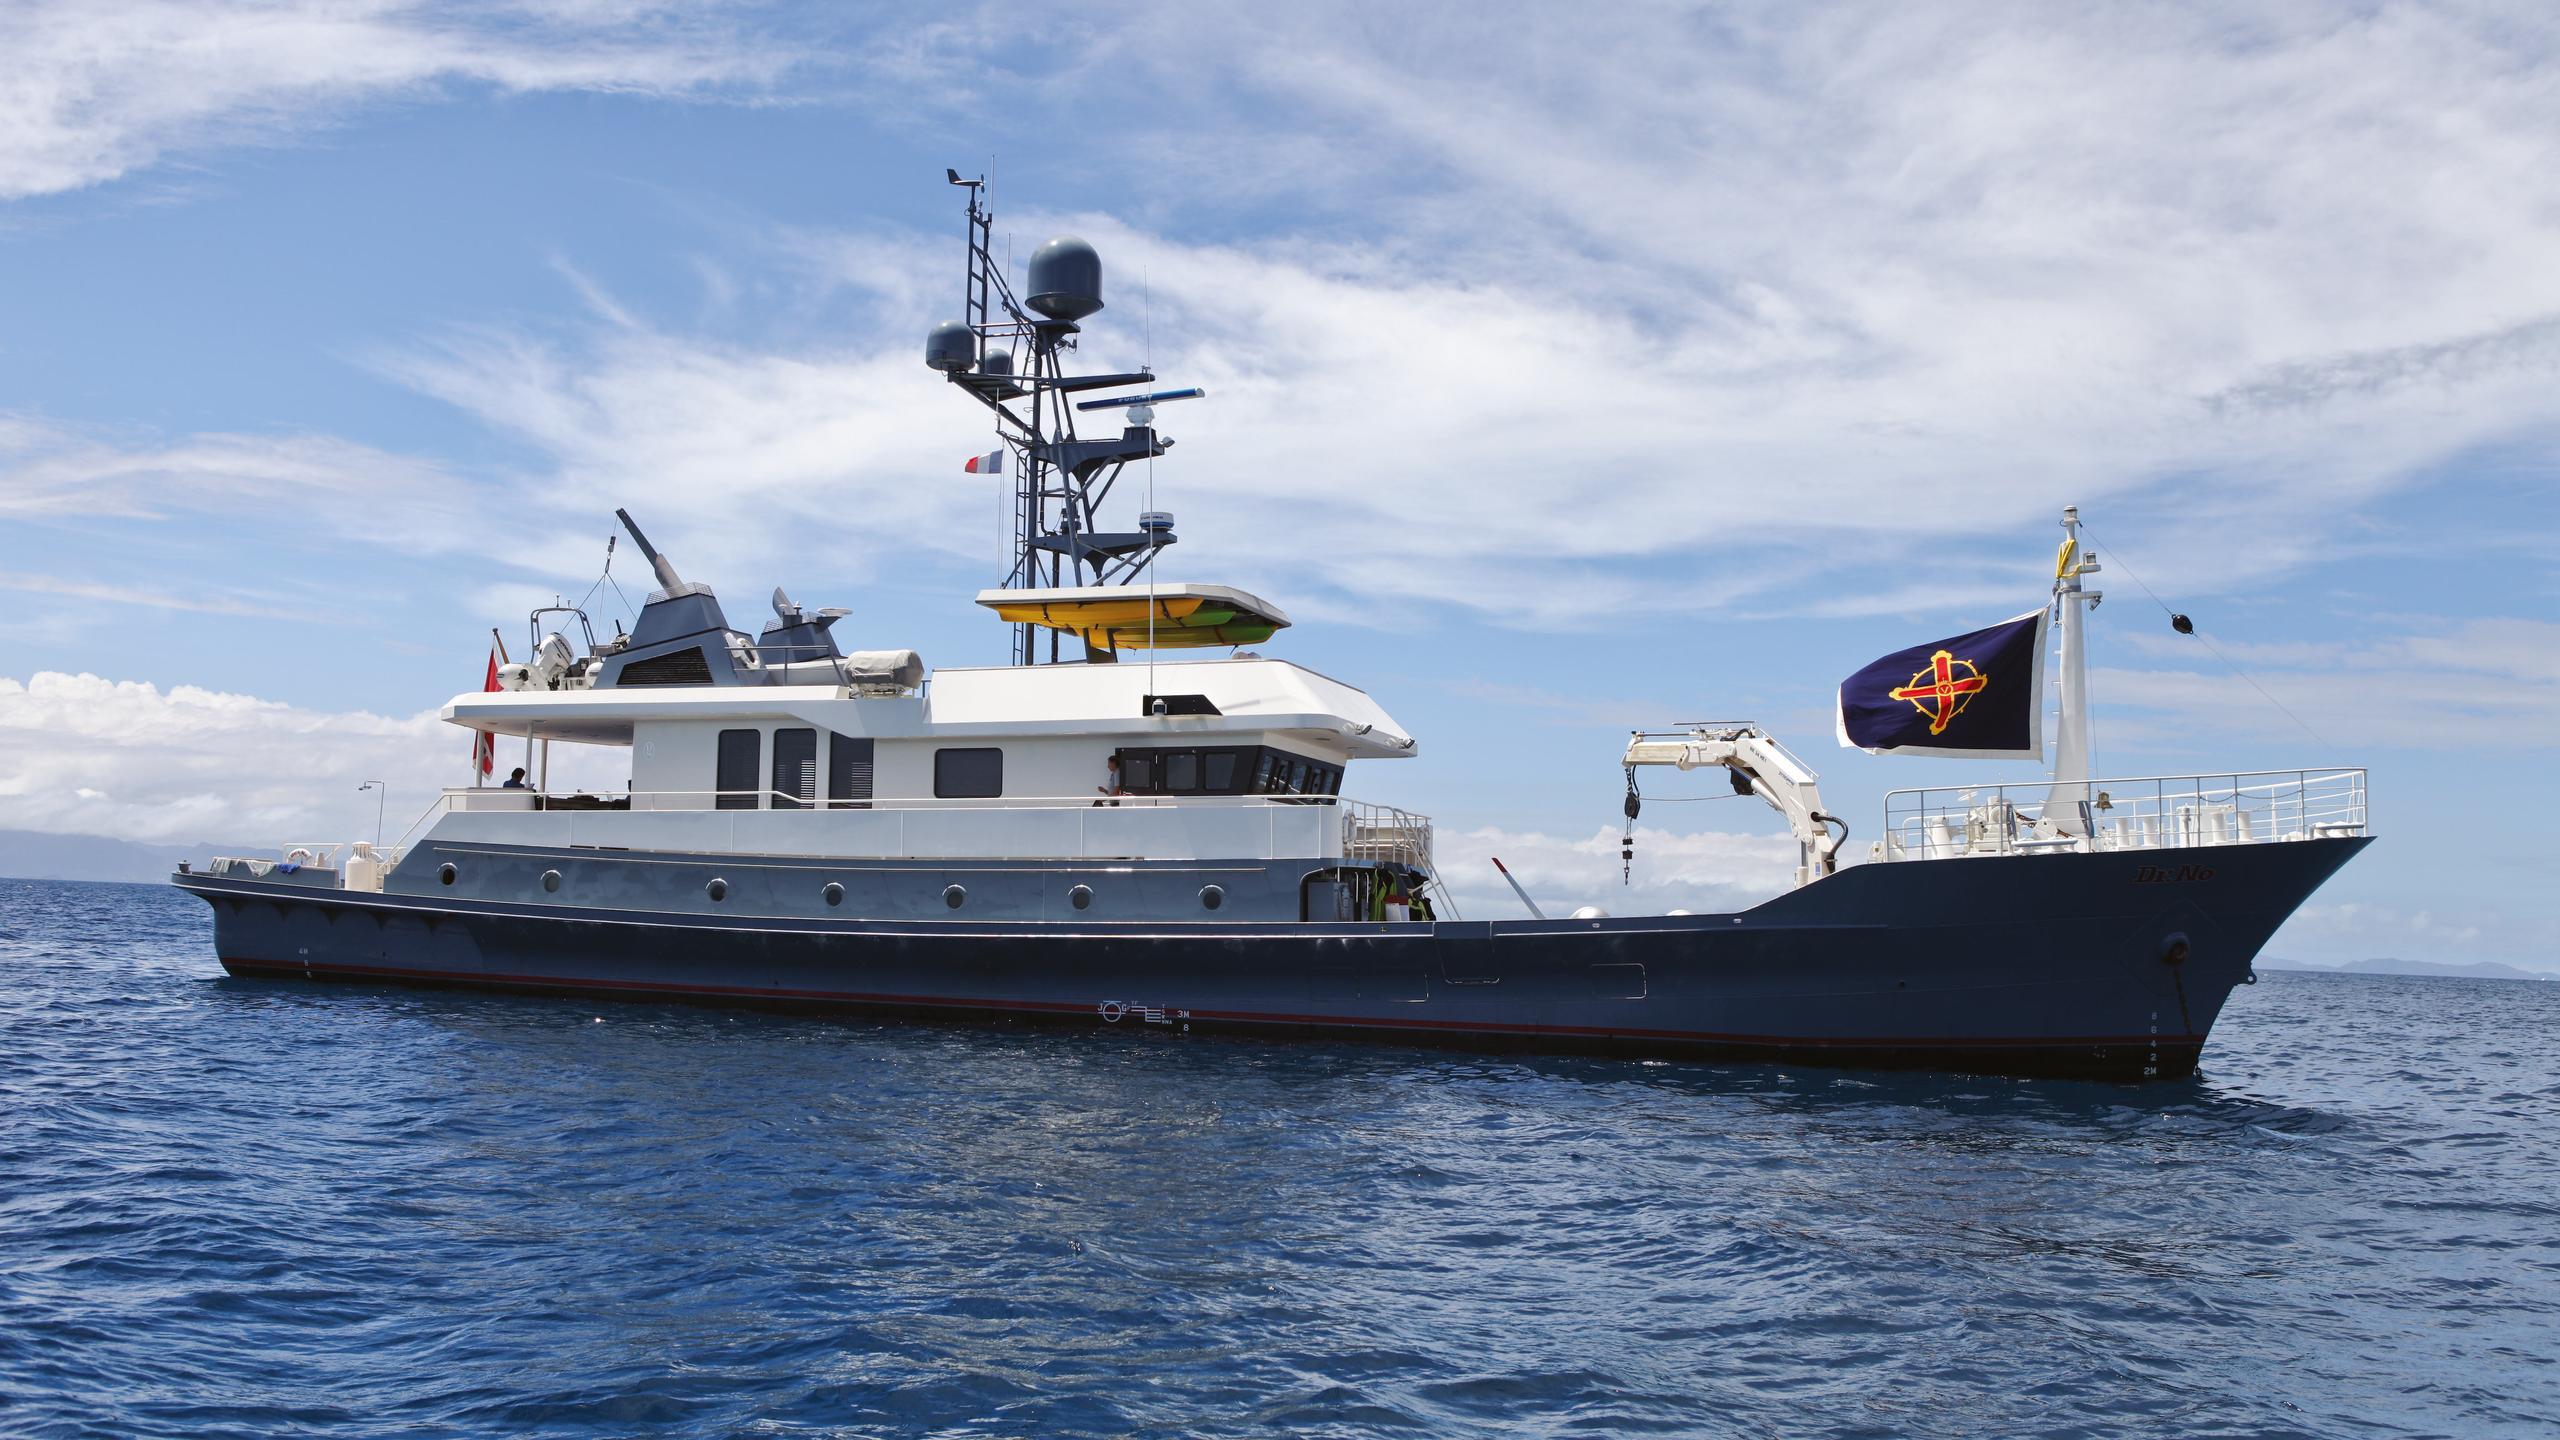 dr-no-explorer-yacht-narasaki-1995-37m-profile